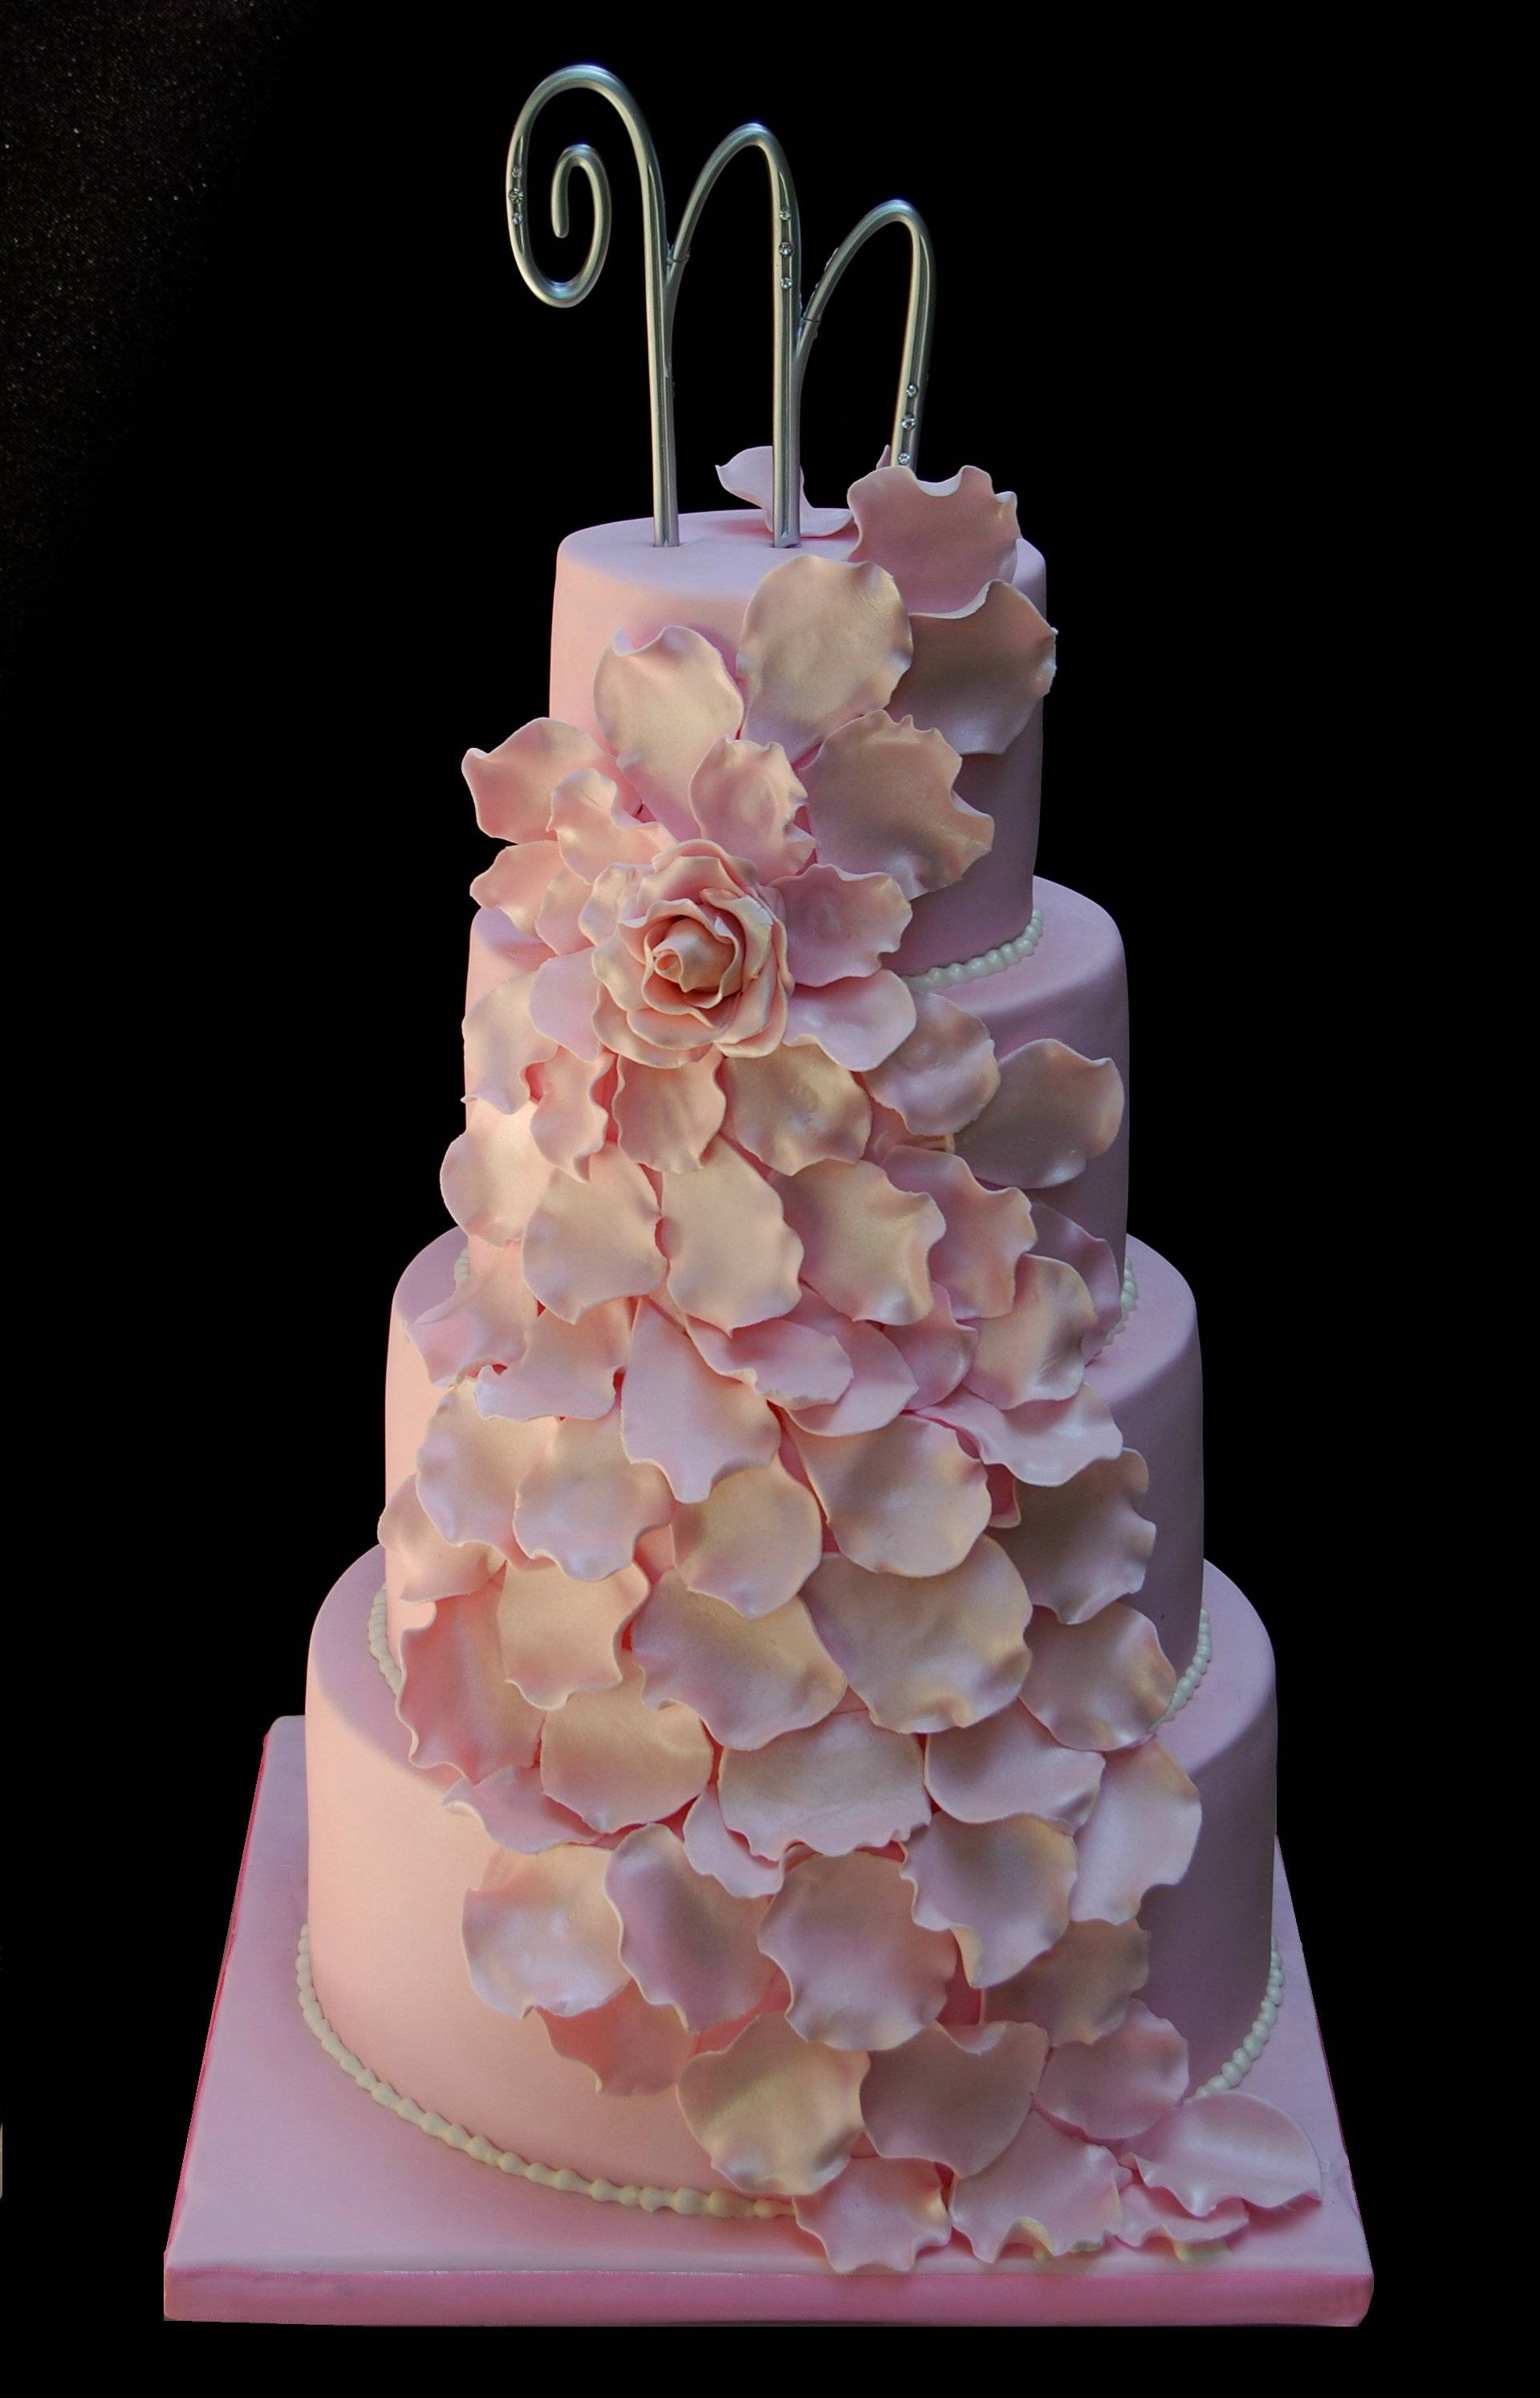 Cascading Petals wedding cake